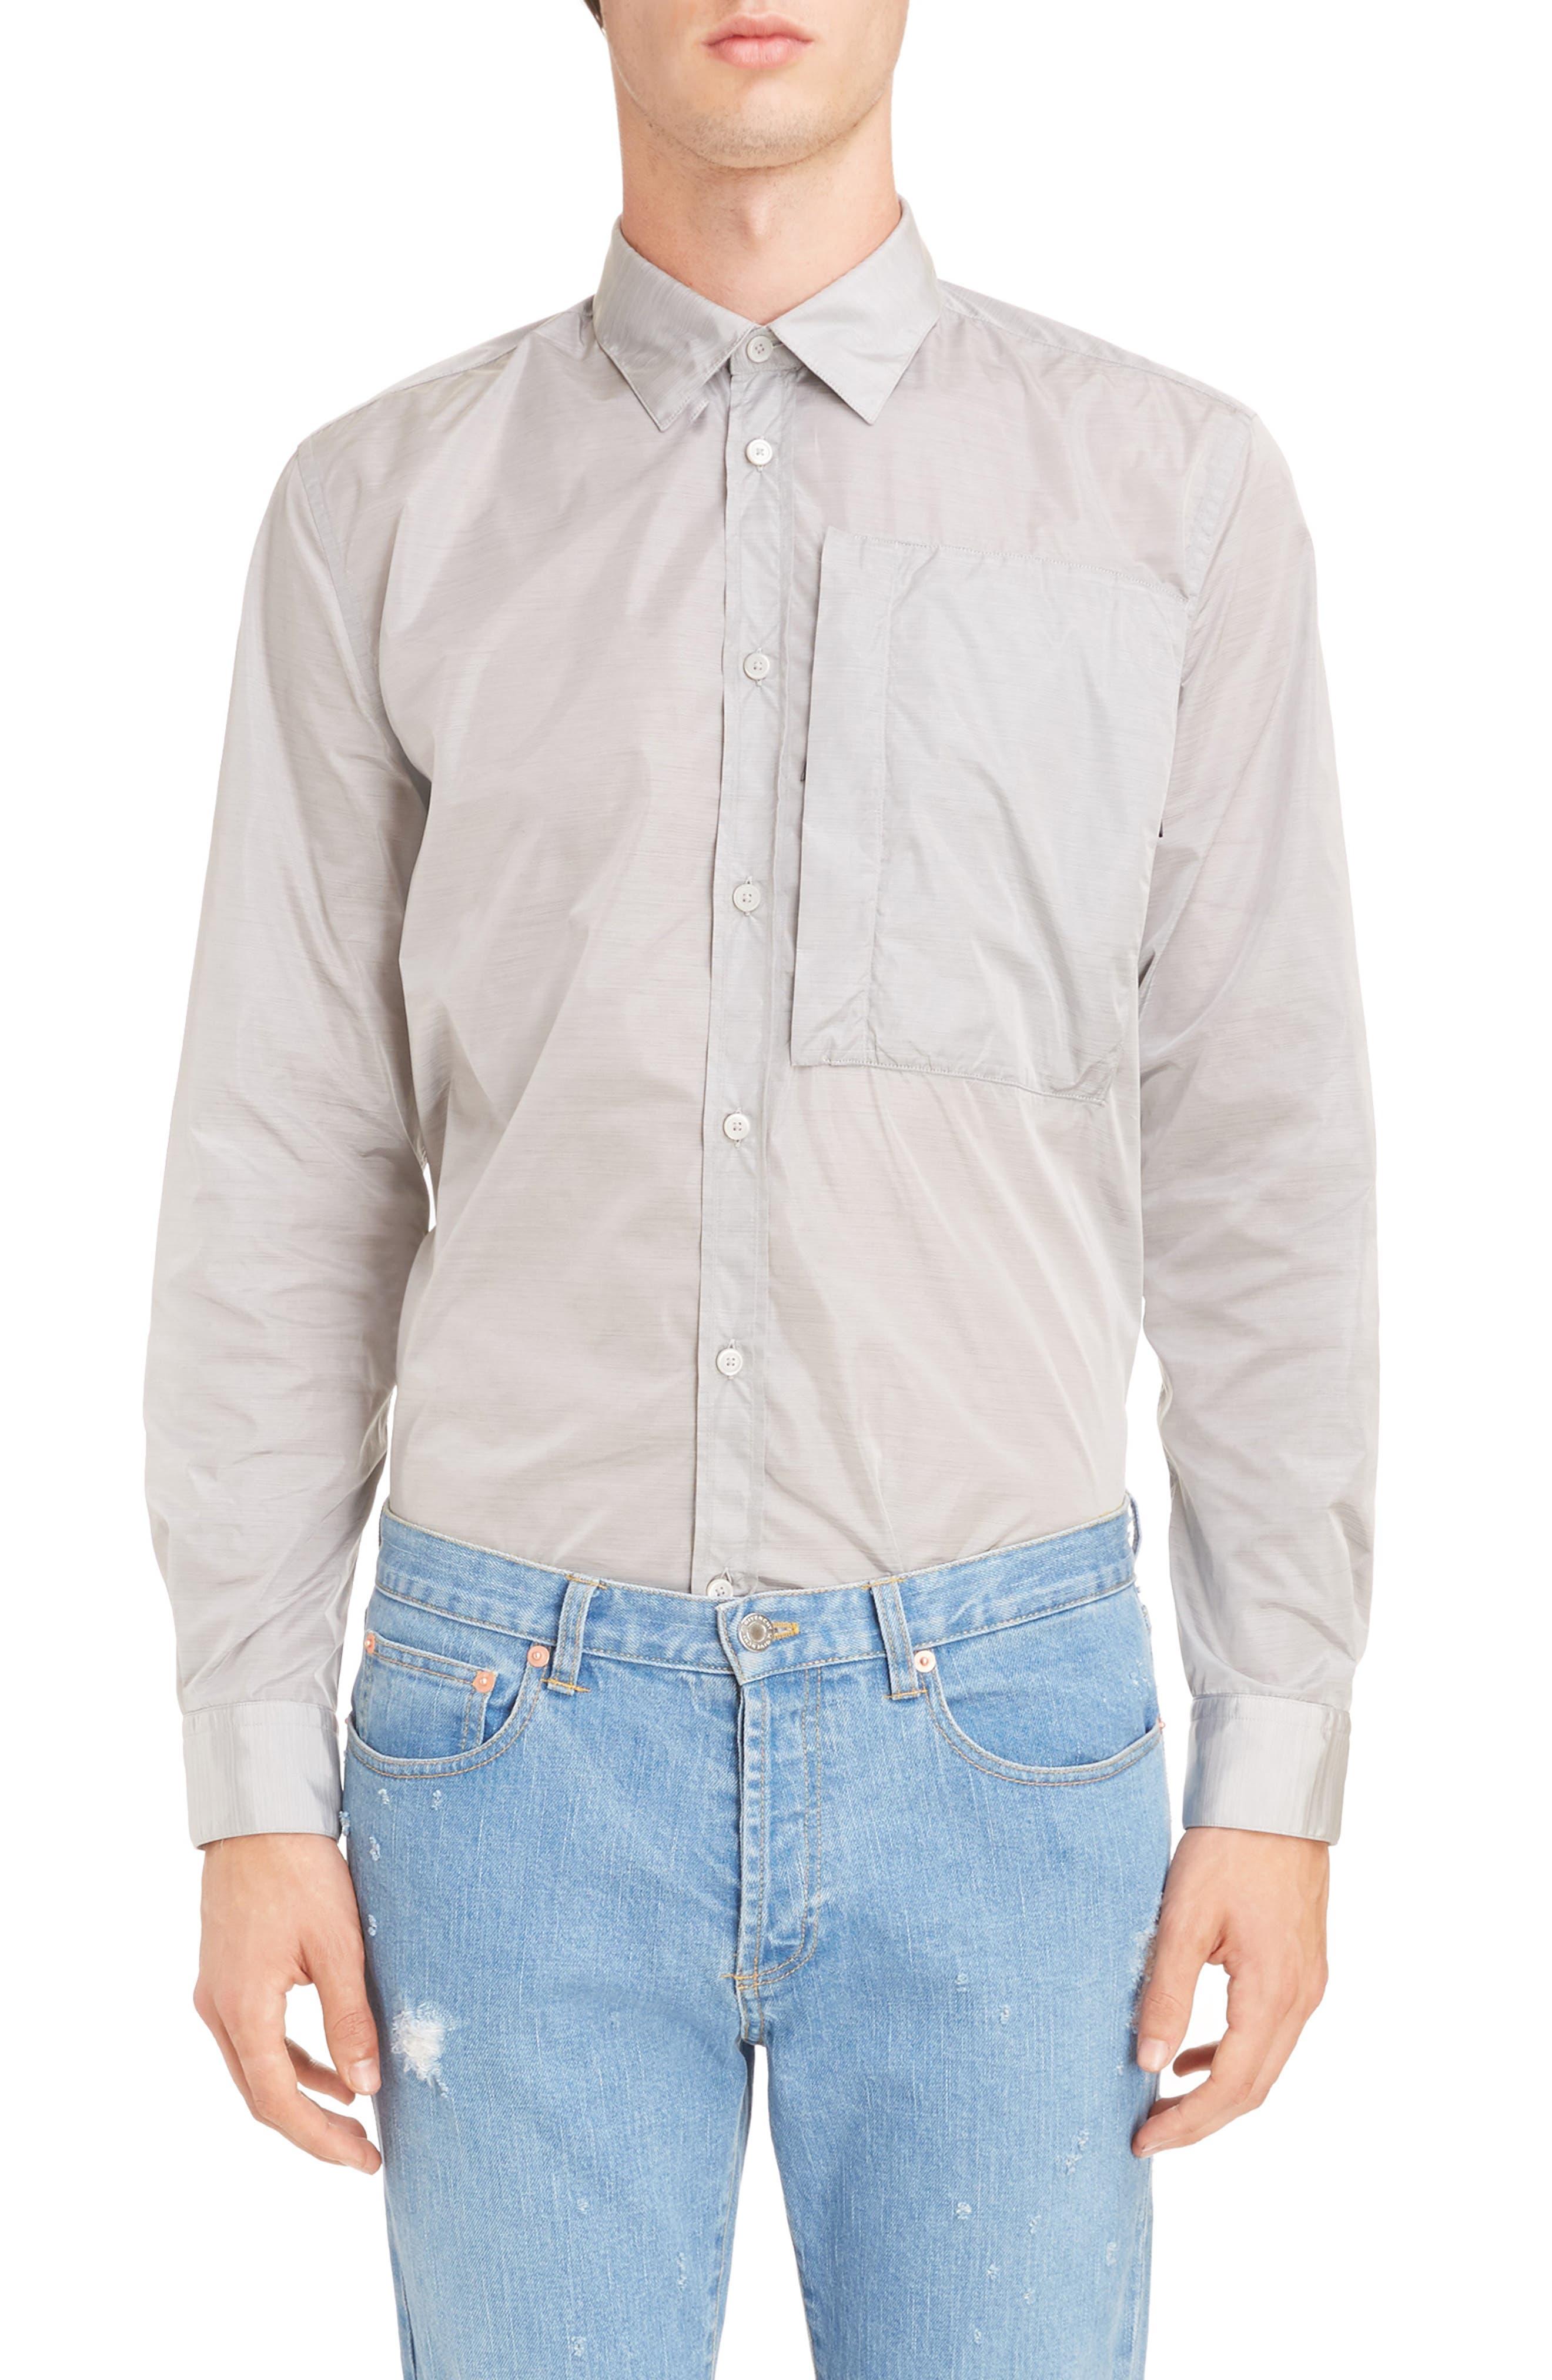 Main Image - Givenchy Nylon Woven Shirt